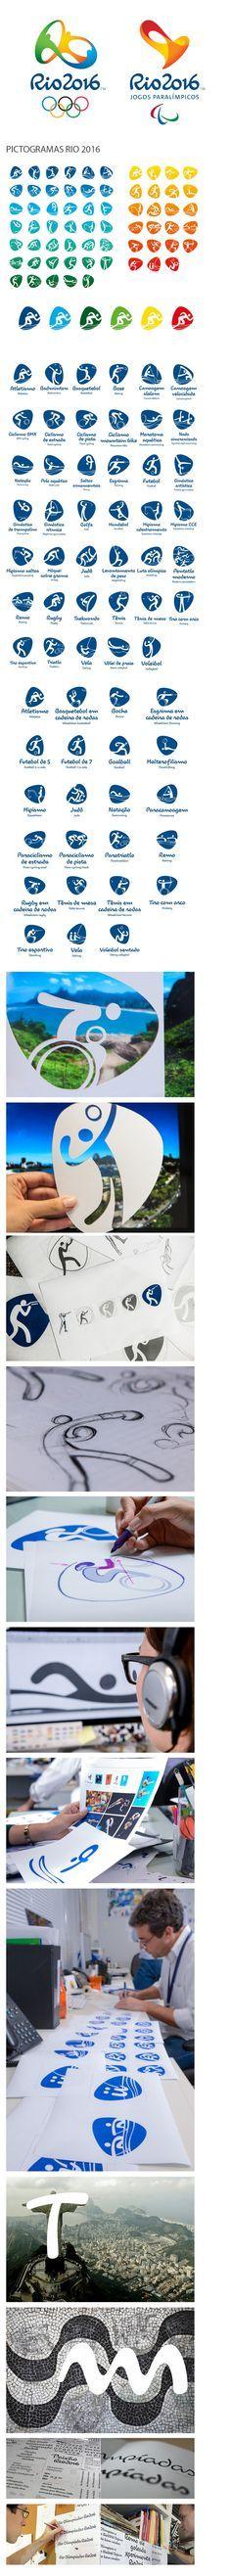 #DESIGN #PICTOGRAMAS | Lançados os pictogramas esportivos para as Olimpíadas de 2016 no Rio de Janeiro. Os ícones seguem a mesma linguagem da tipografia dos Jogos mantendo o estilo com linhas de traço único, inspiradas nos marcos da cidade do Rio de Janeiro. Ambas criações são do estúdio Dalton Maag. Para saber mas confira o site oficial Rio 2016.